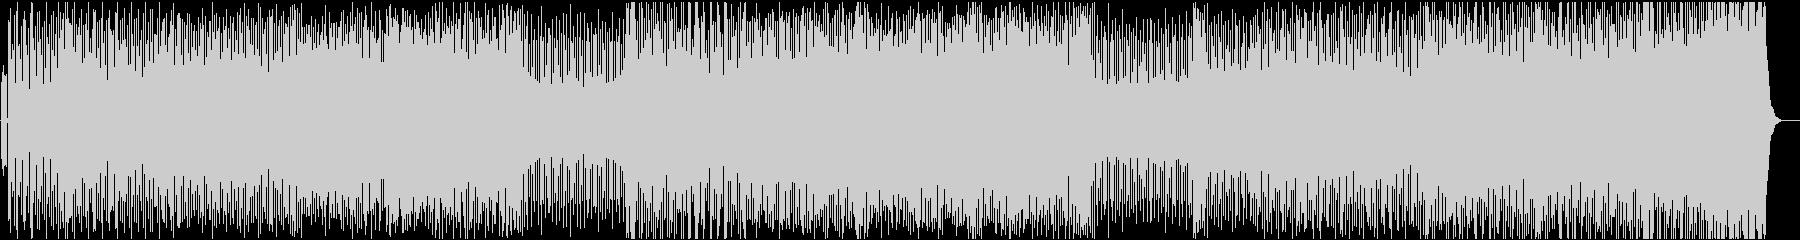 レトロフレイバー&ドープなディープハウスの未再生の波形